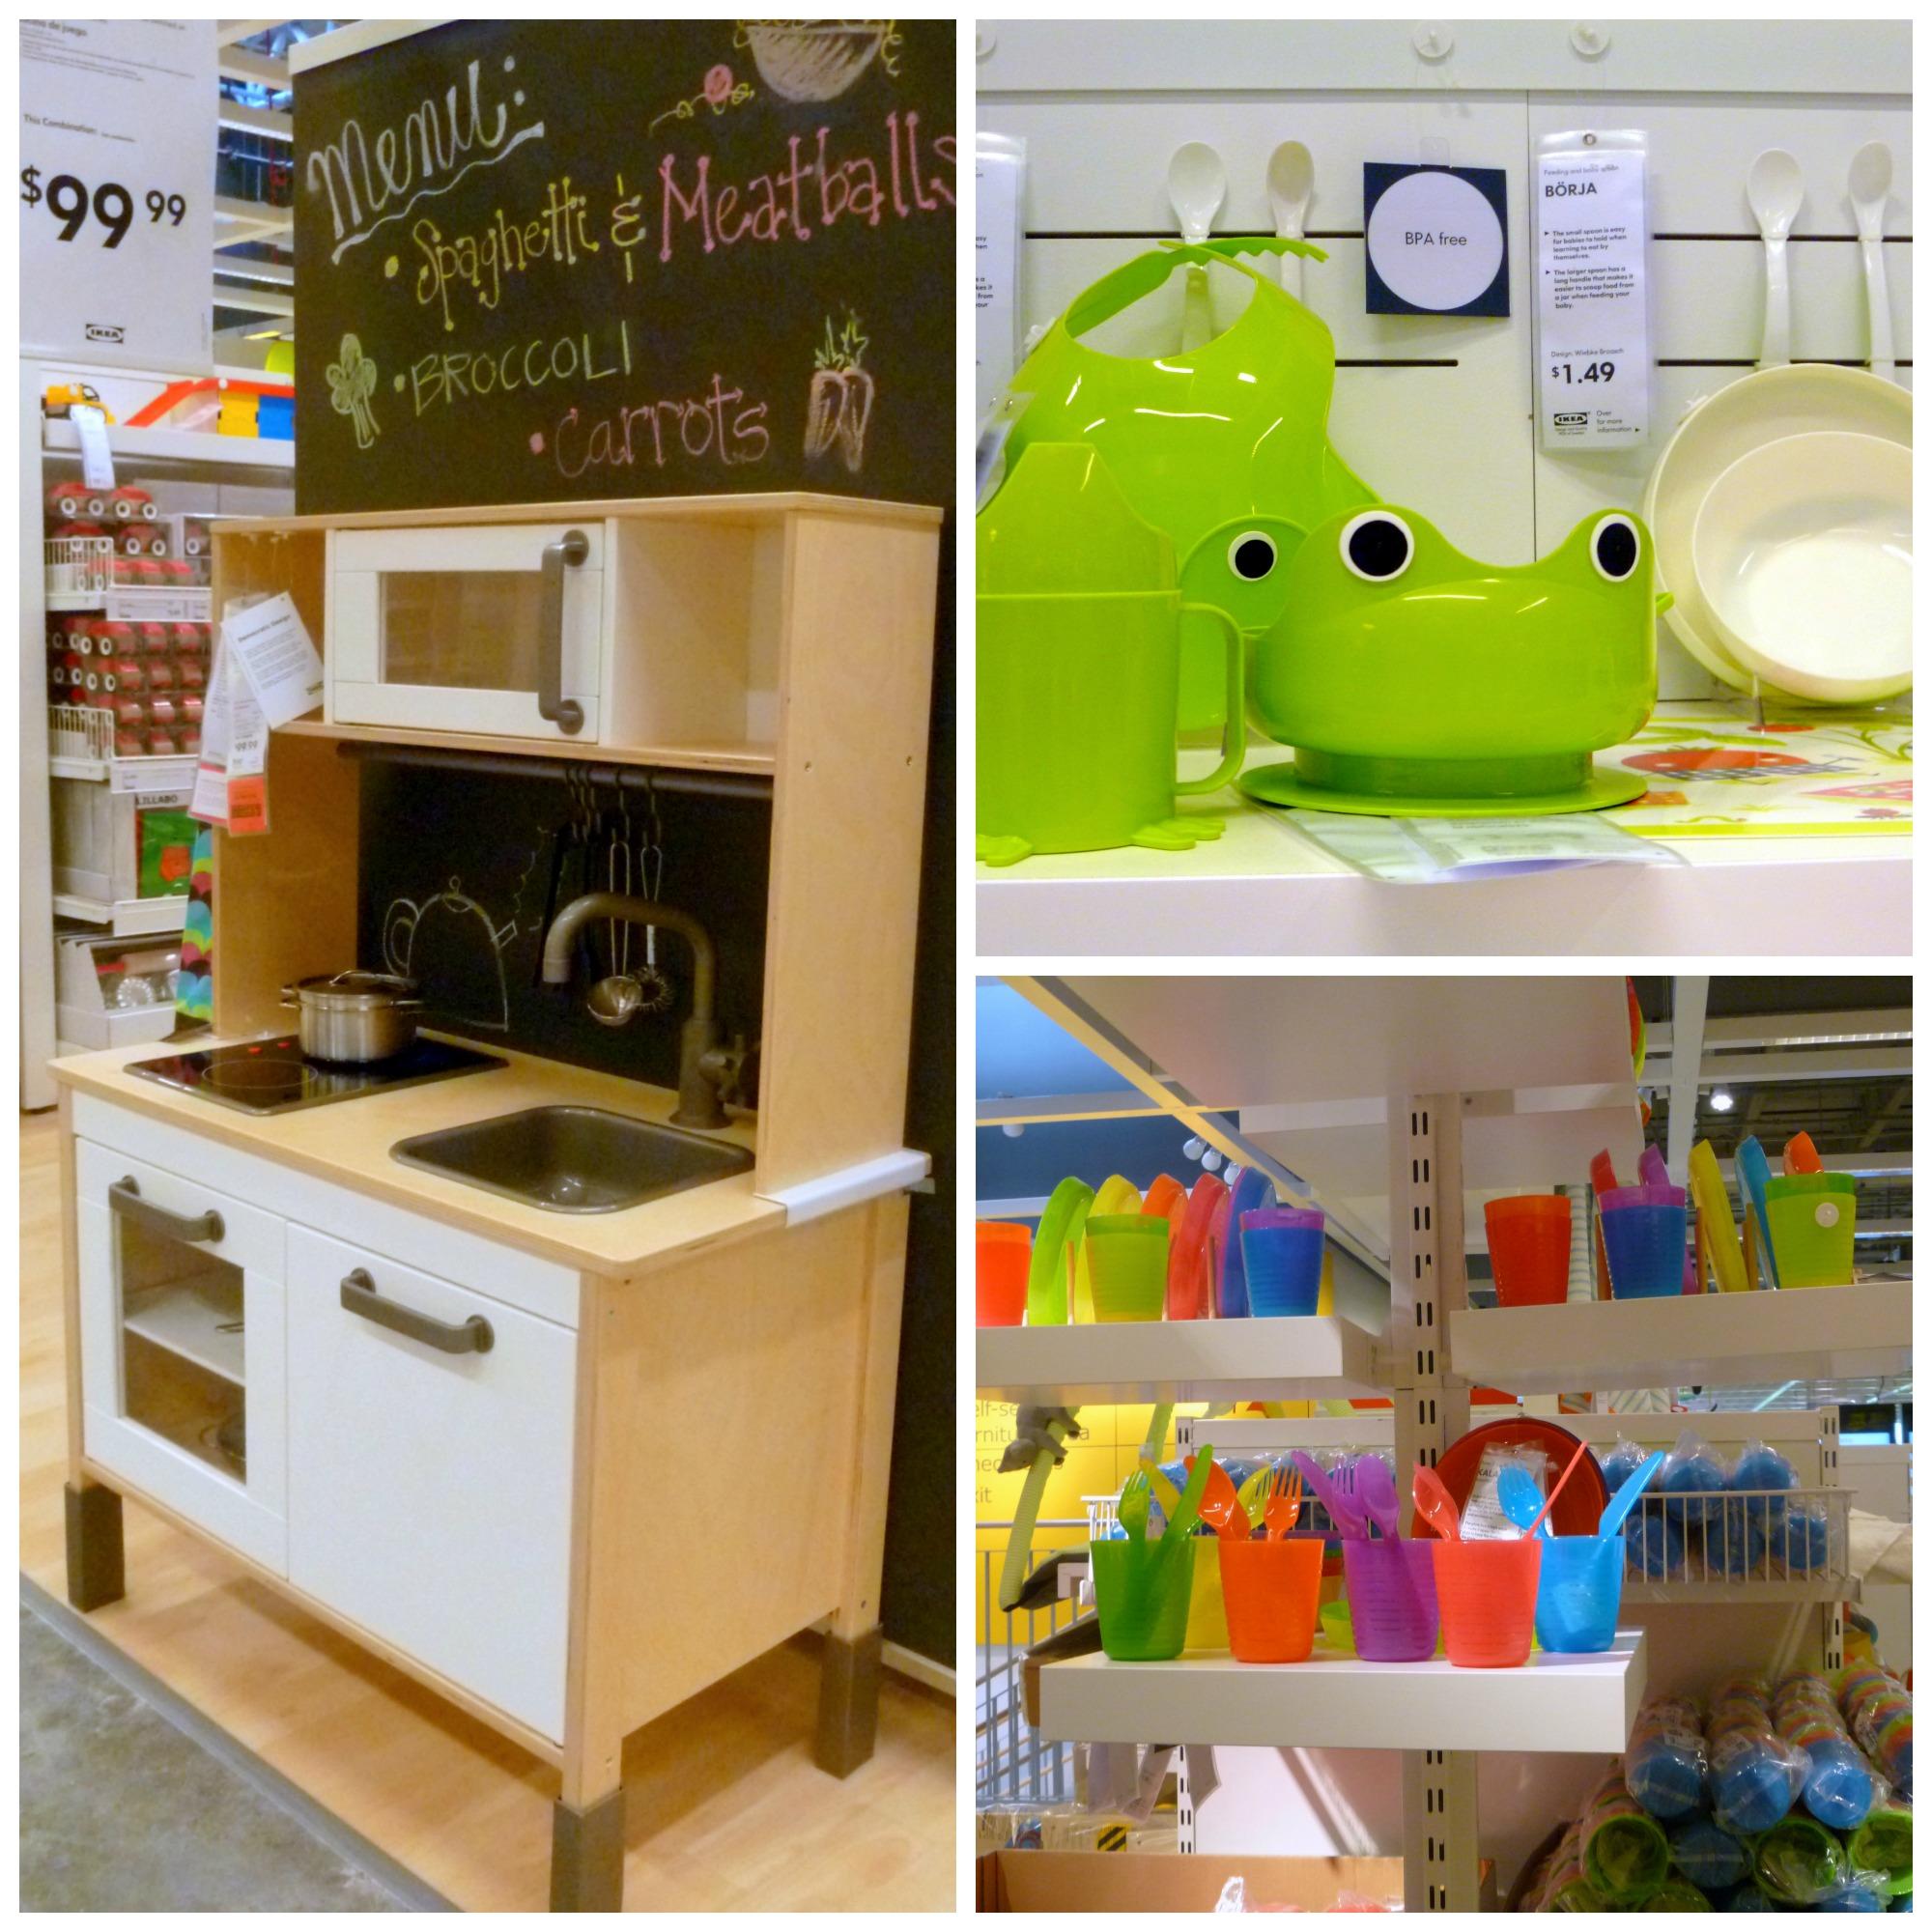 Nueva Tienda De Ikea En Miami  # Muebles Juguetes Ikea